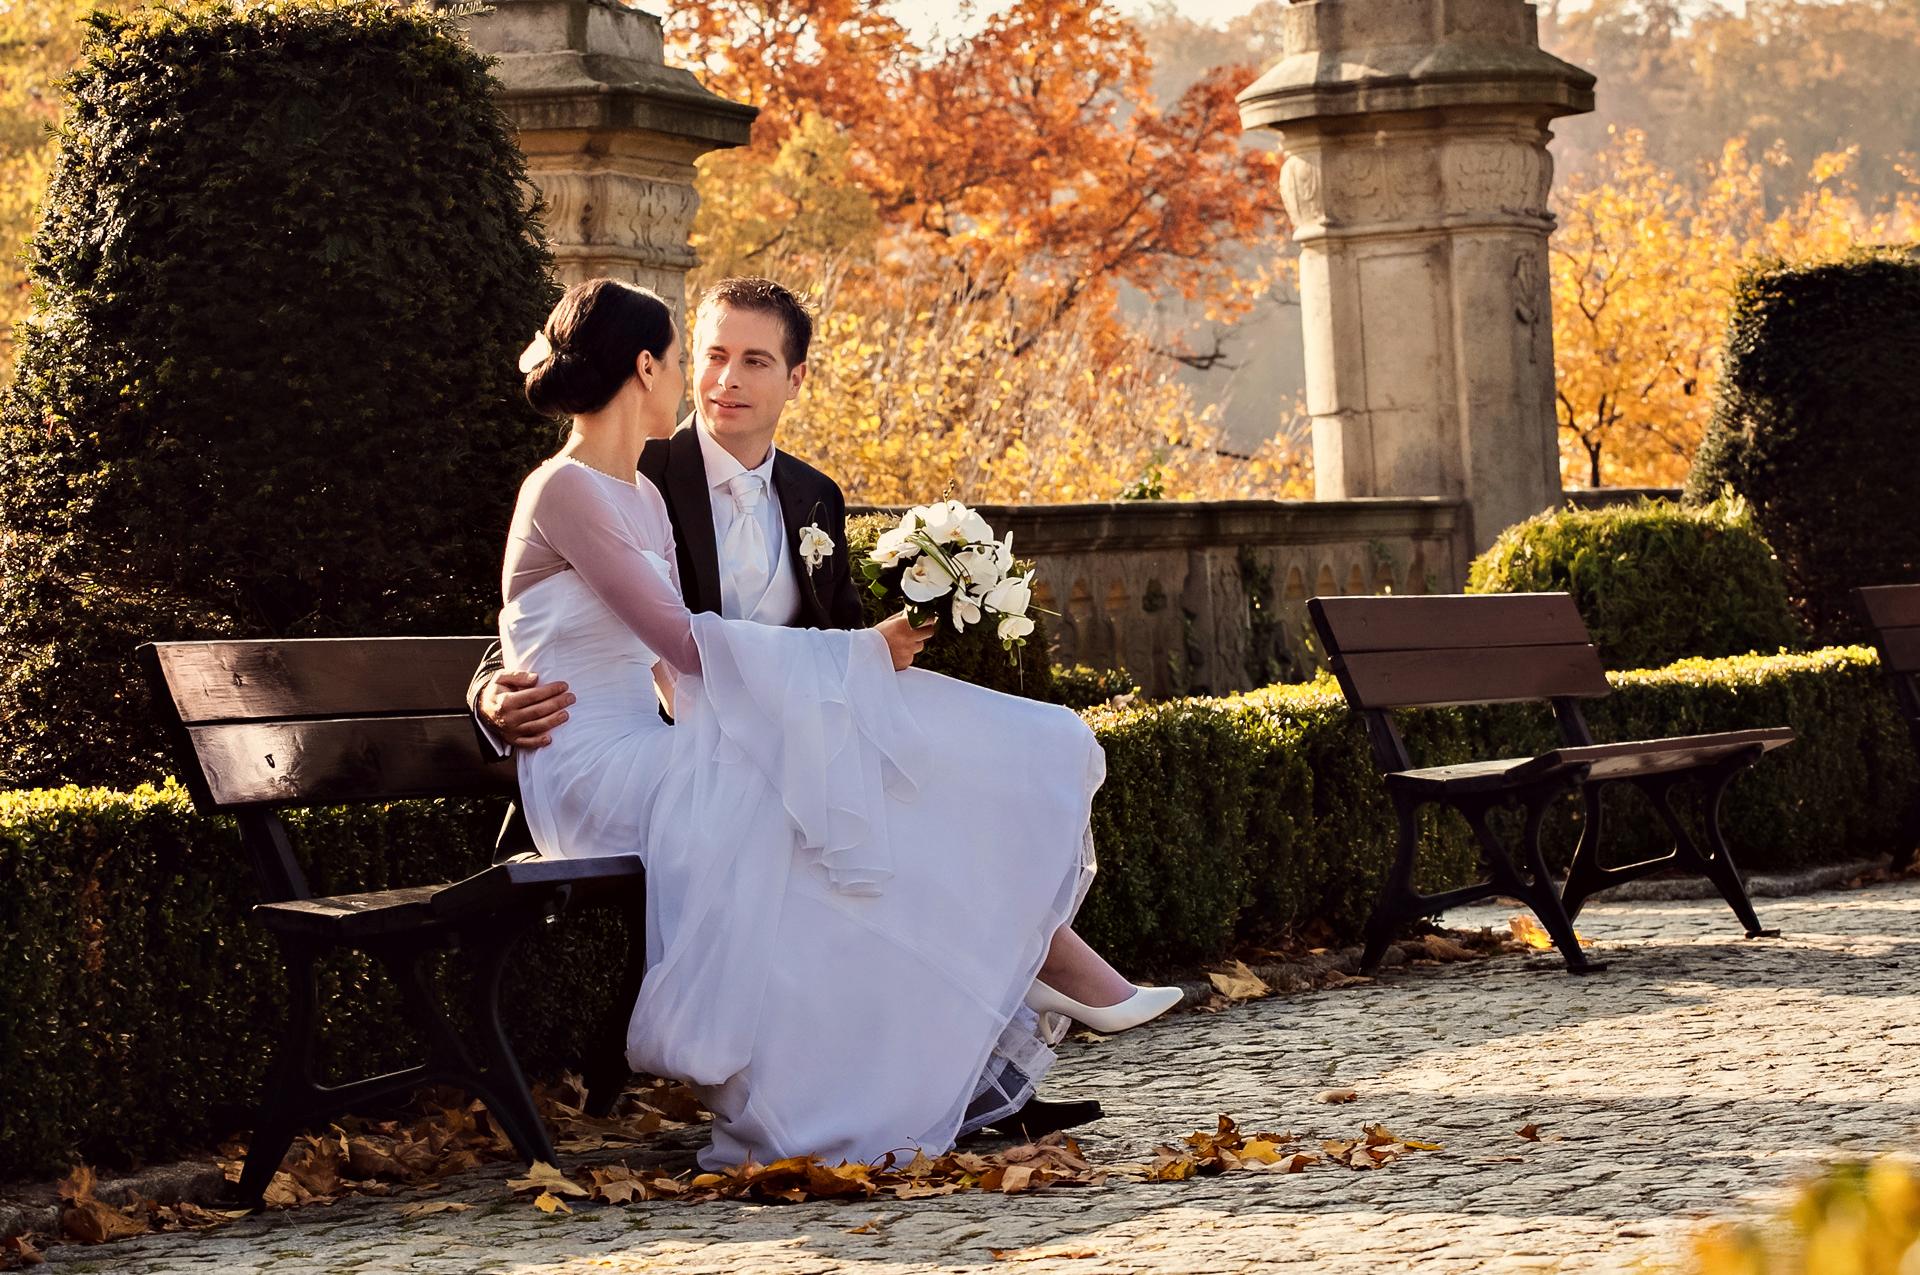 fotograf wałbrzych 6 Plener Oli & Olafa w Zamek Książ